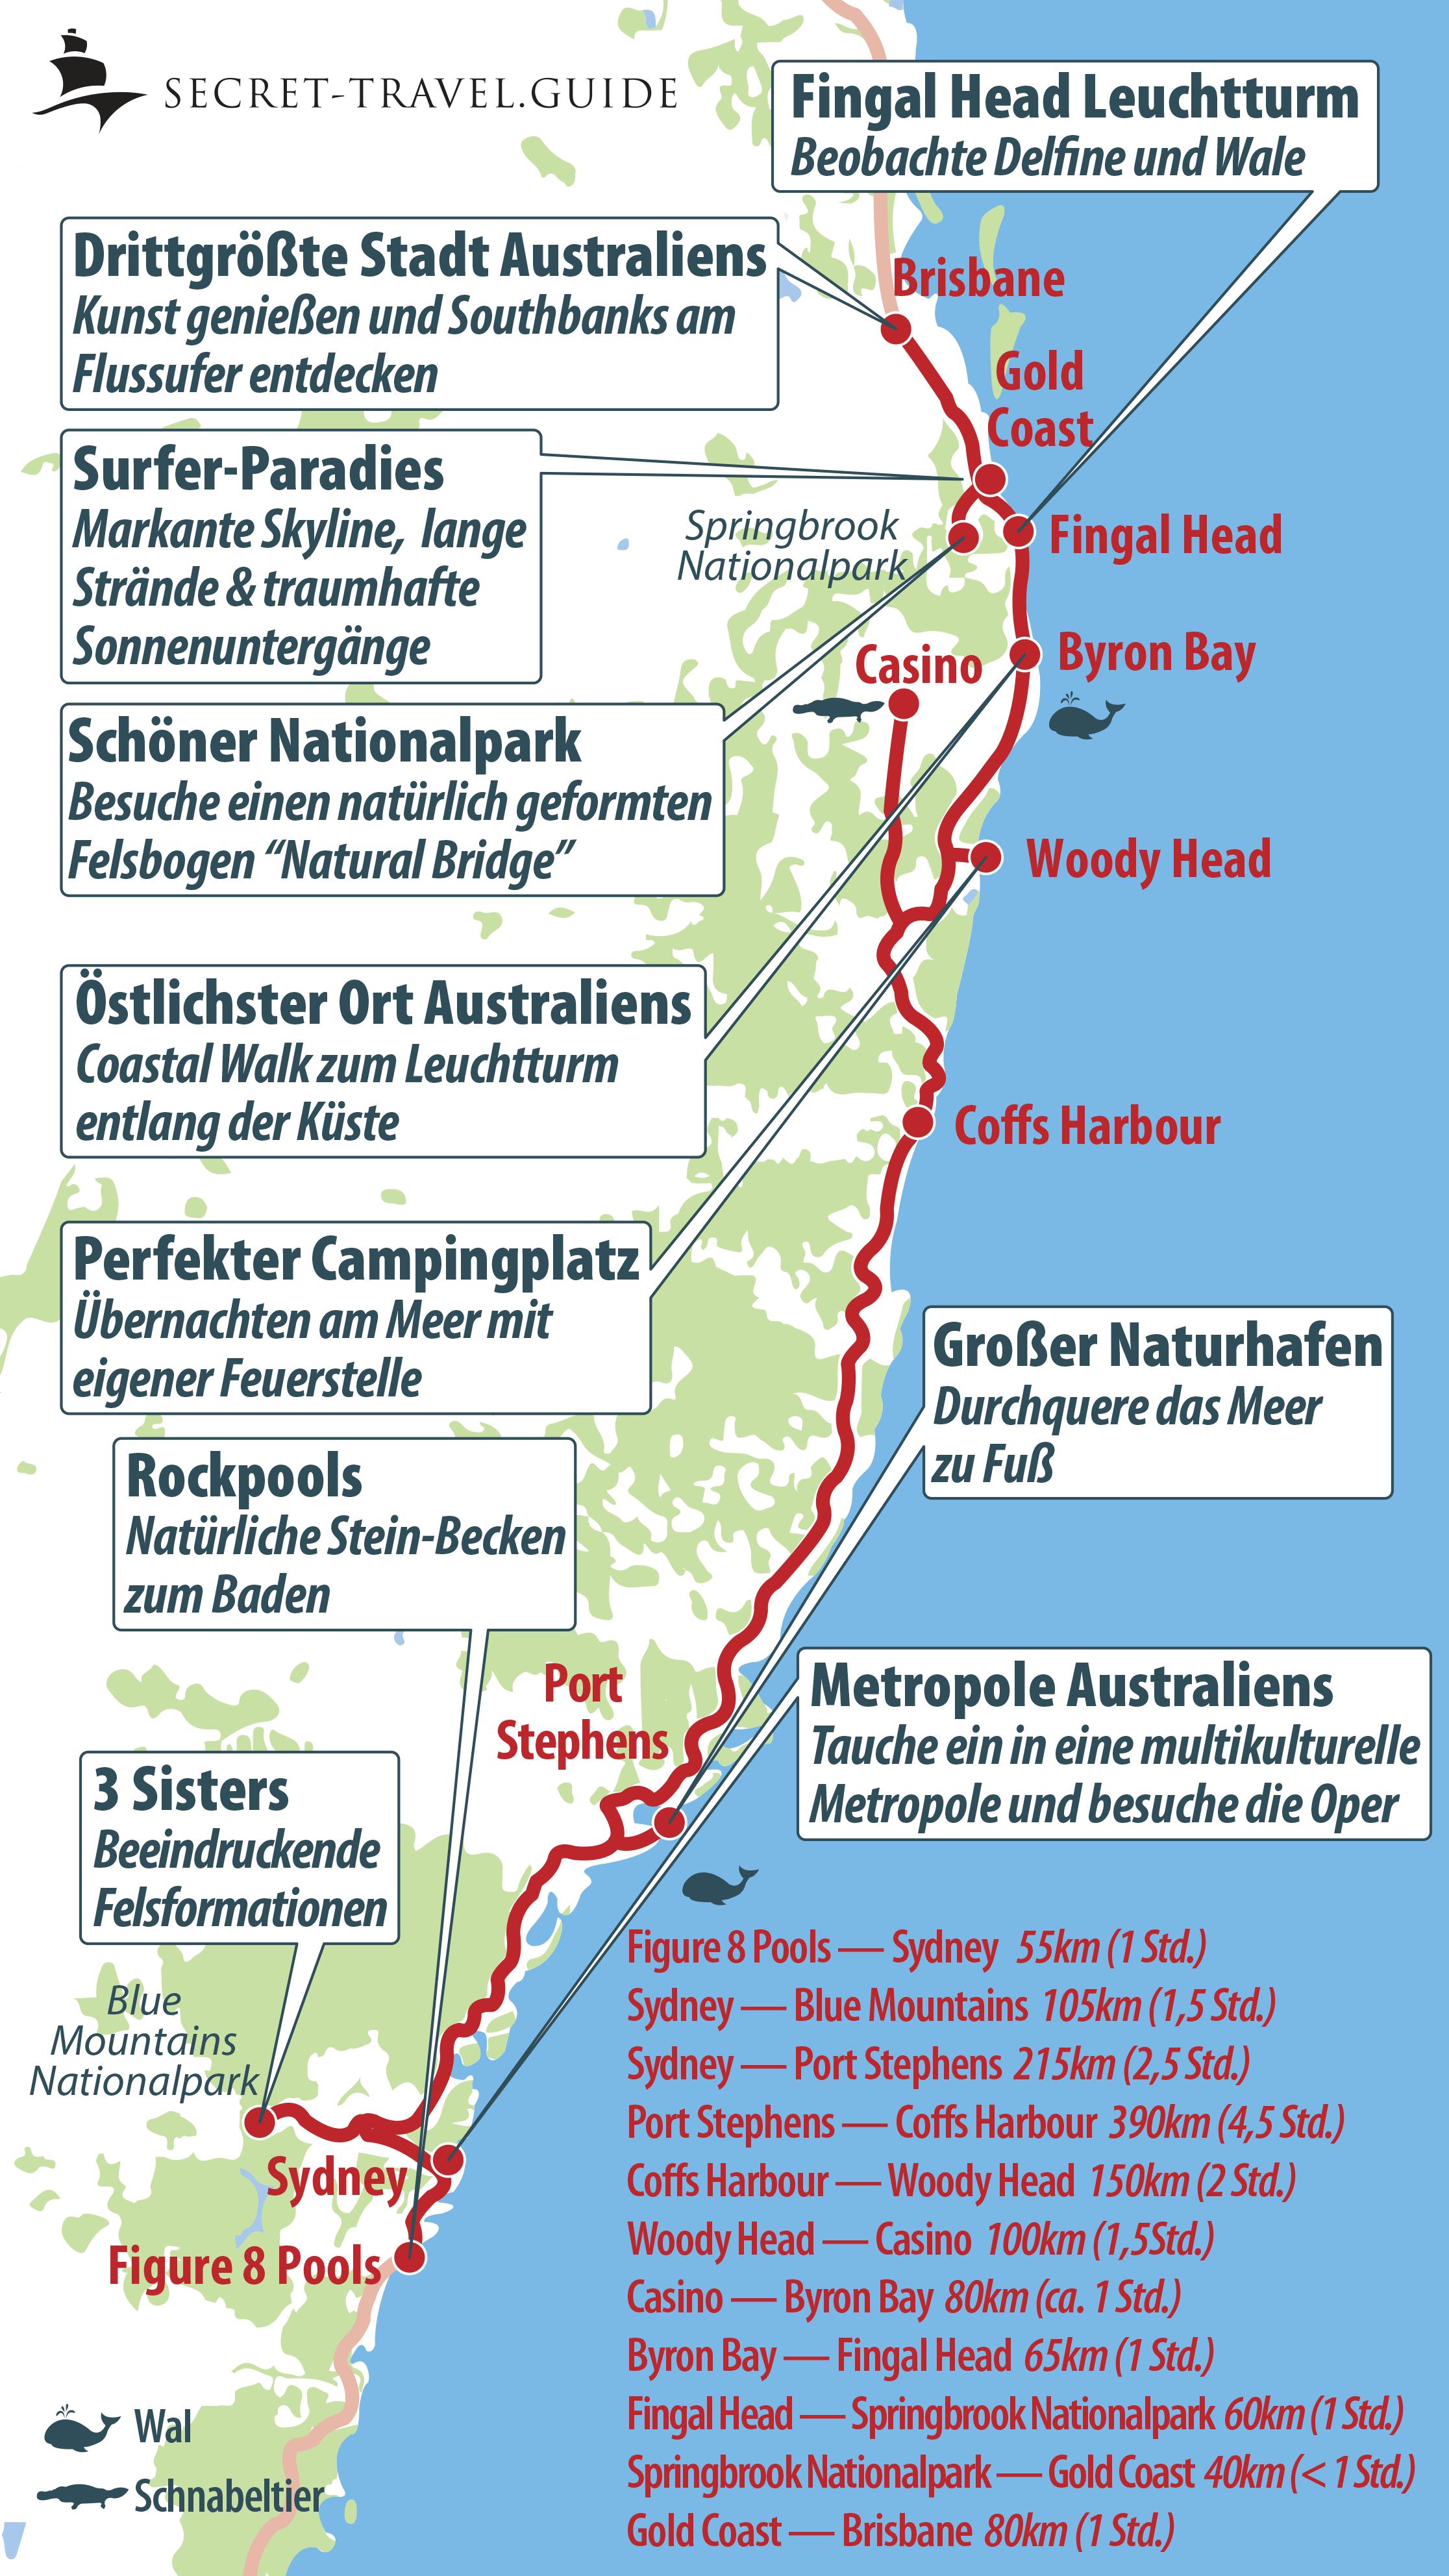 Karte Australien Und Umgebung.Australiens Ostküste Von Sydney Nach Brisbane Secret Travel Guide